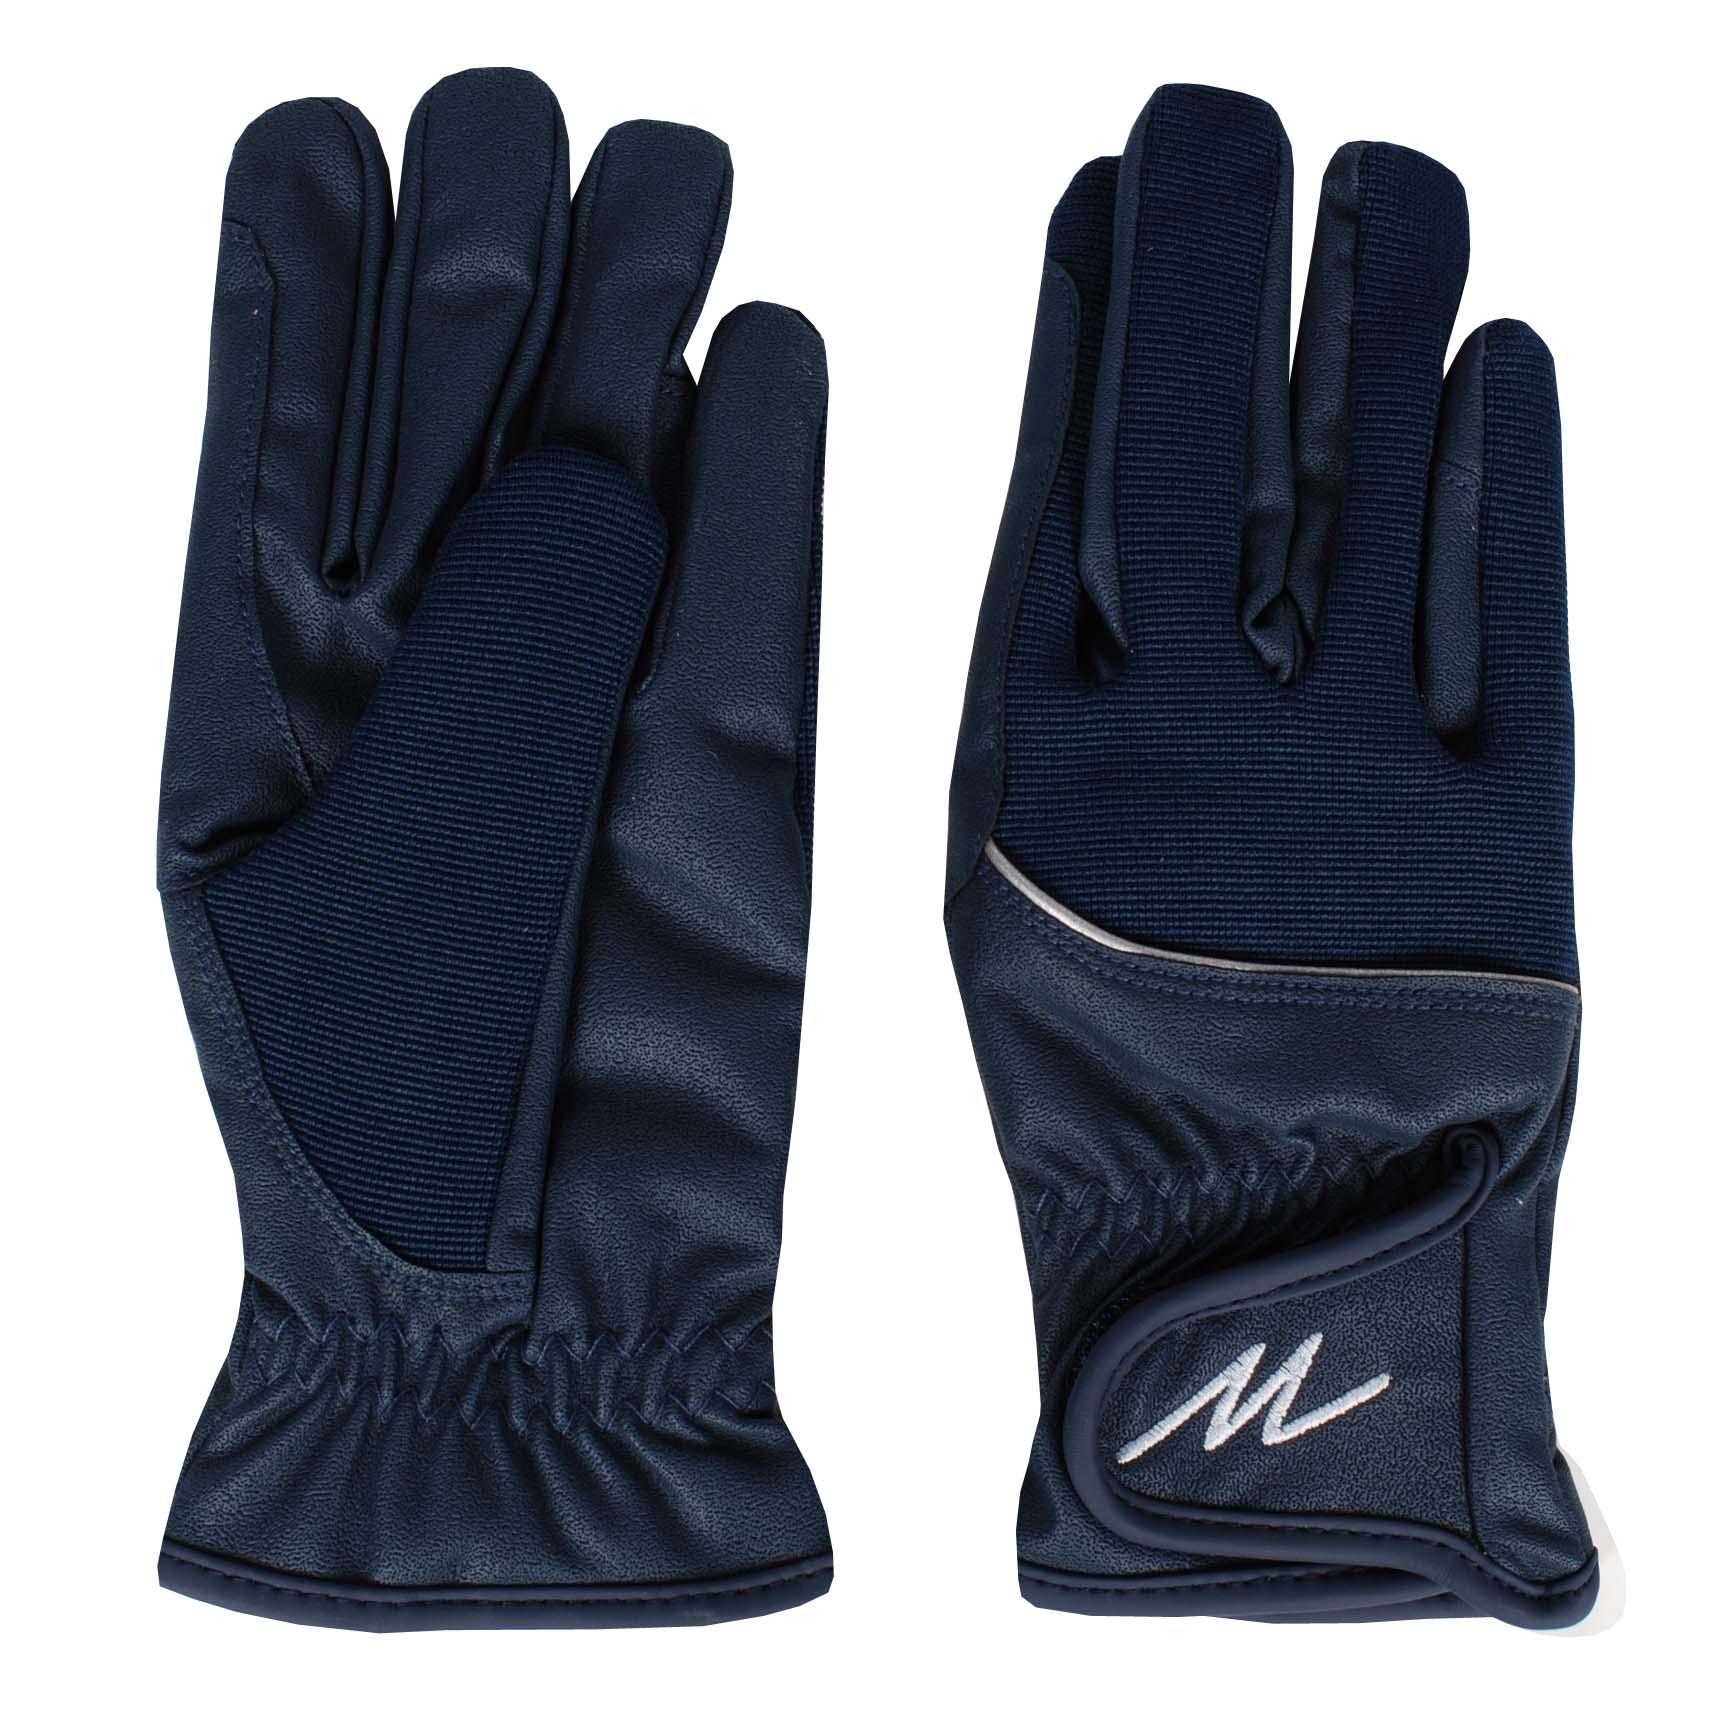 Mondoni Mendoza winter handschoenen donkerblauw maat:m